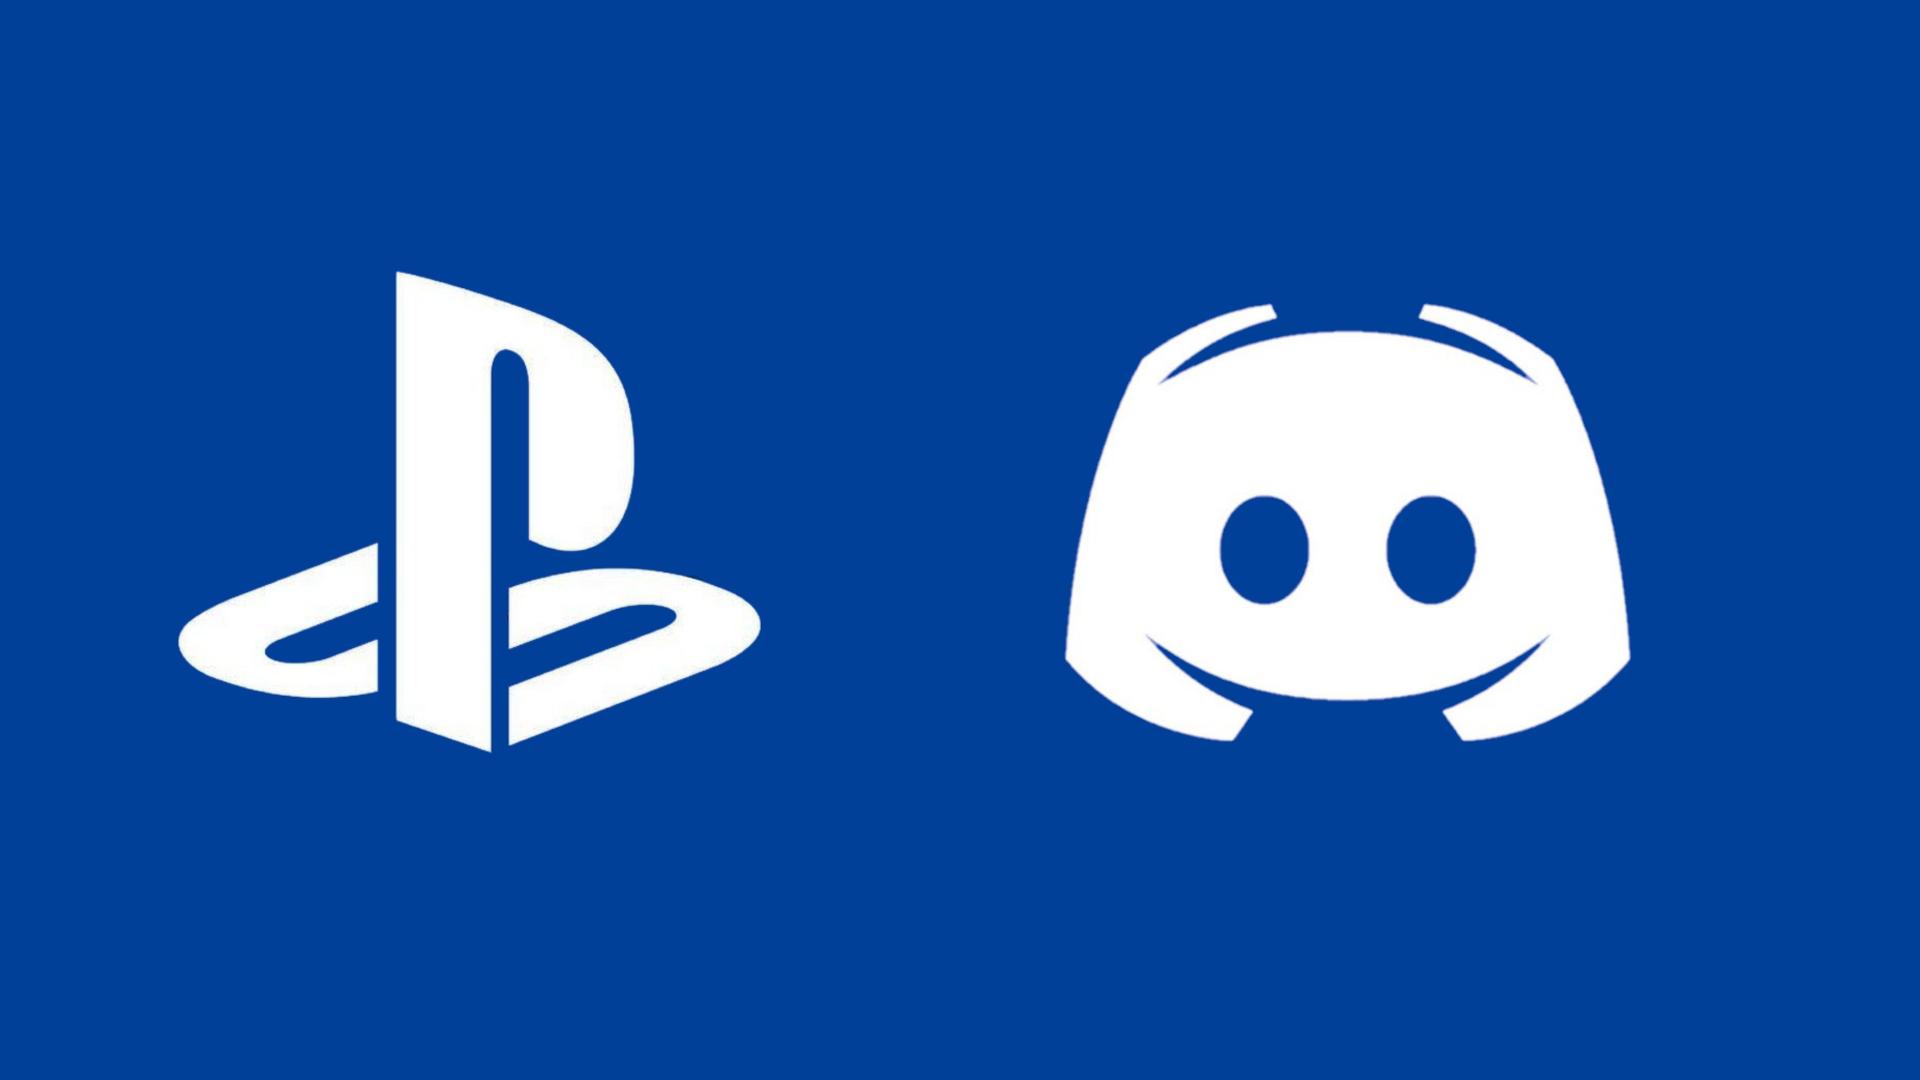 Sony | Anunciada parceria com Discord, a aplicação de chat e comunidades |  Squared Potato